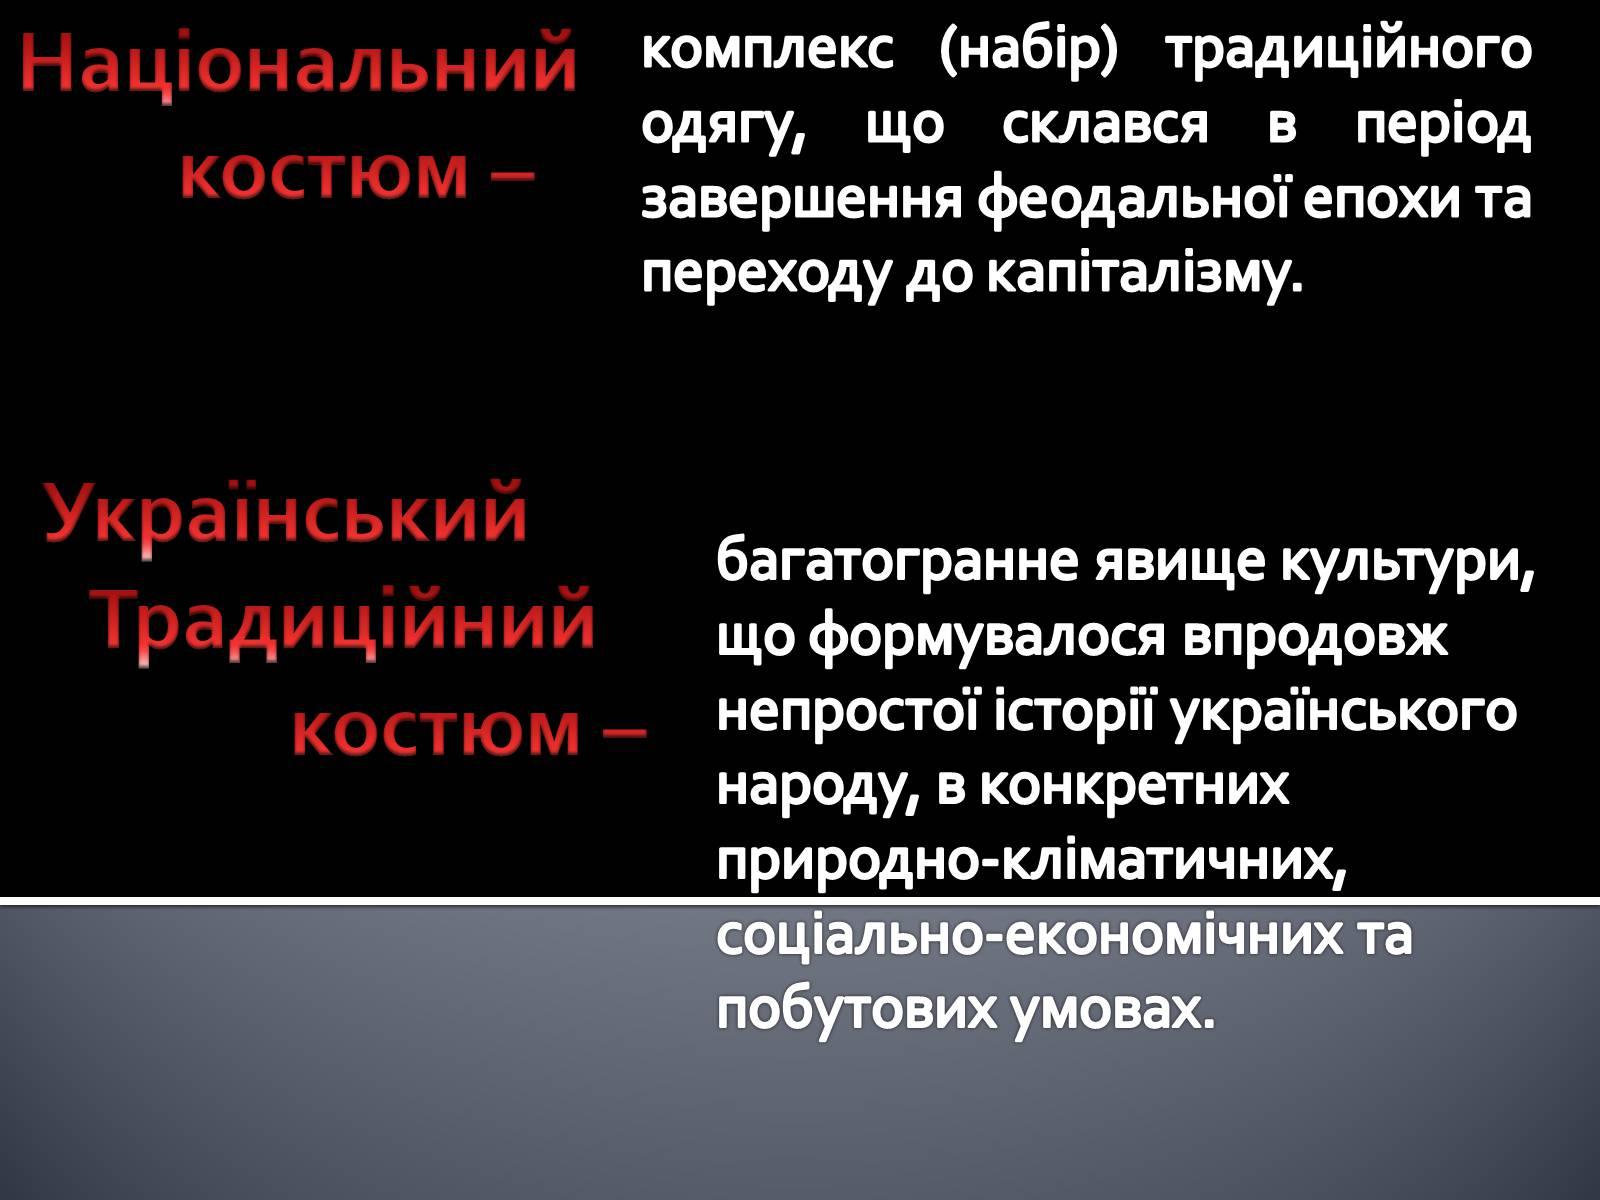 Презентація на тему «Український національний костюм. Костюми народів світу»  - Слайд  2 8646d7ddb5d0d